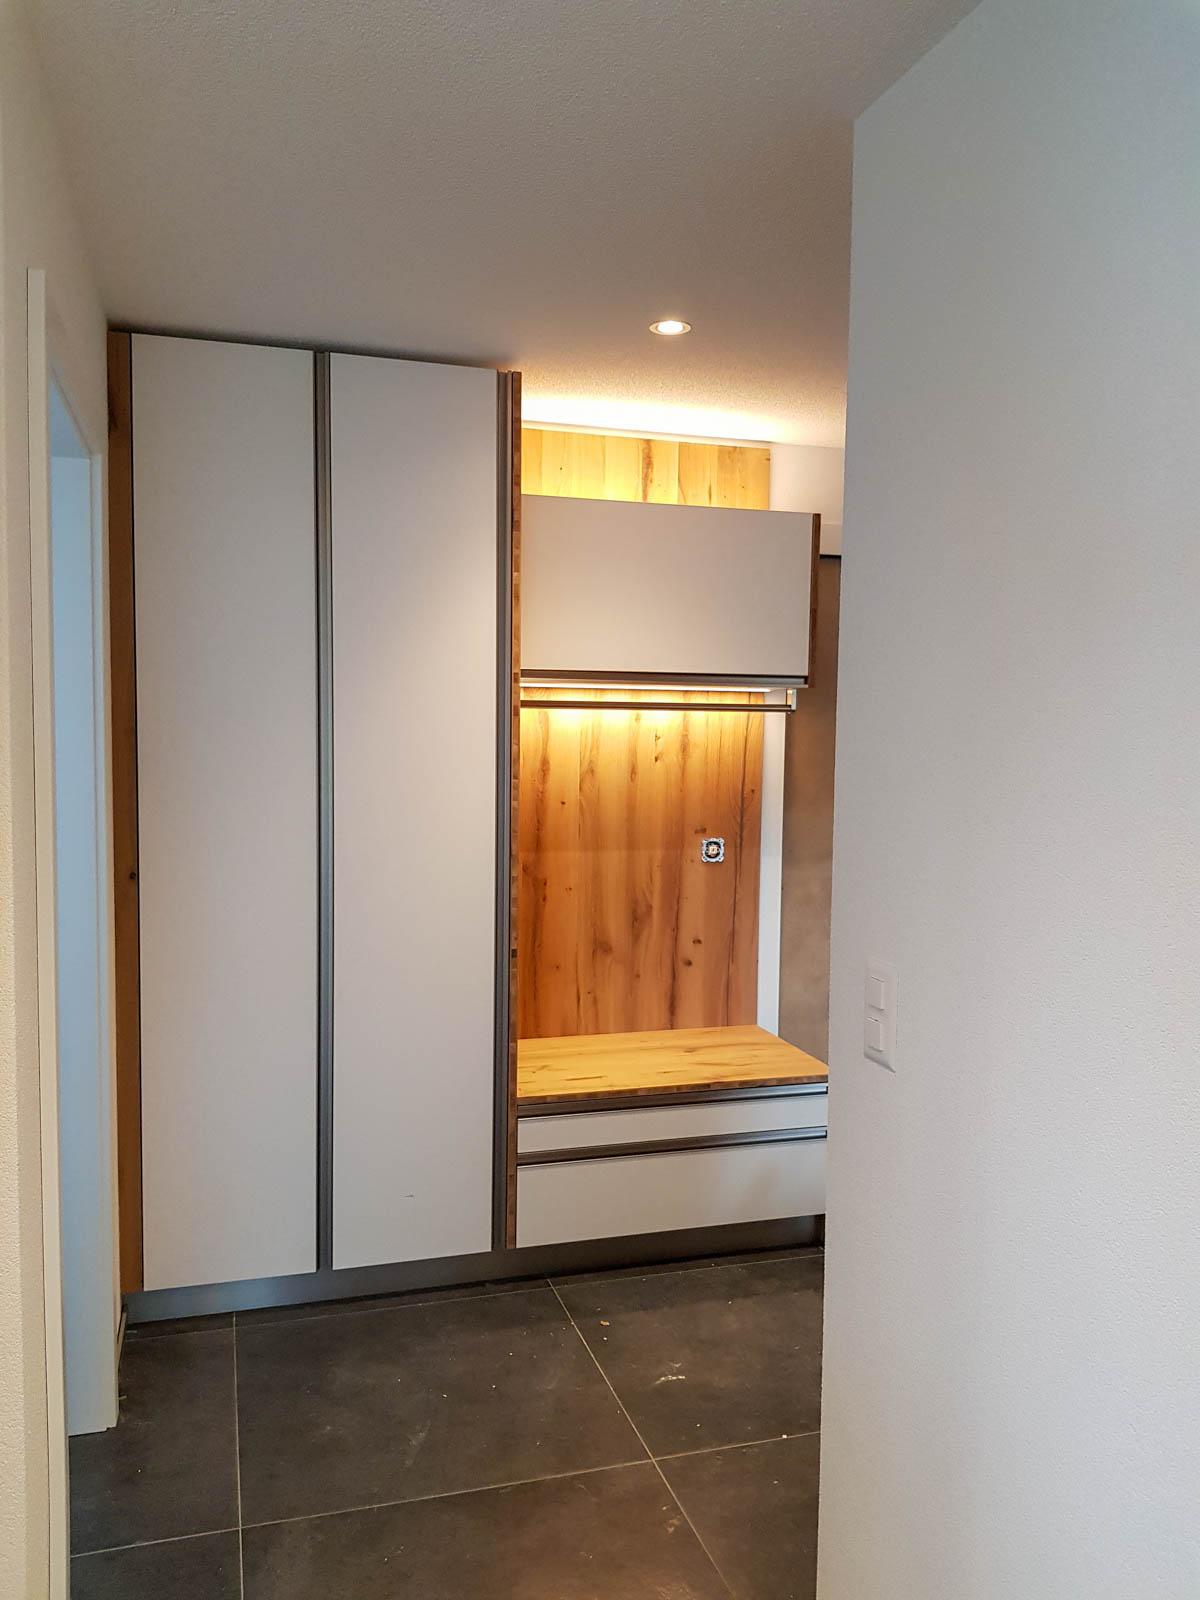 Wooddesign_Garderobe_Gästegarderobe_LED Beleuchtung_Eiche Altholz_weisse Fronten_Griffleisten (4)